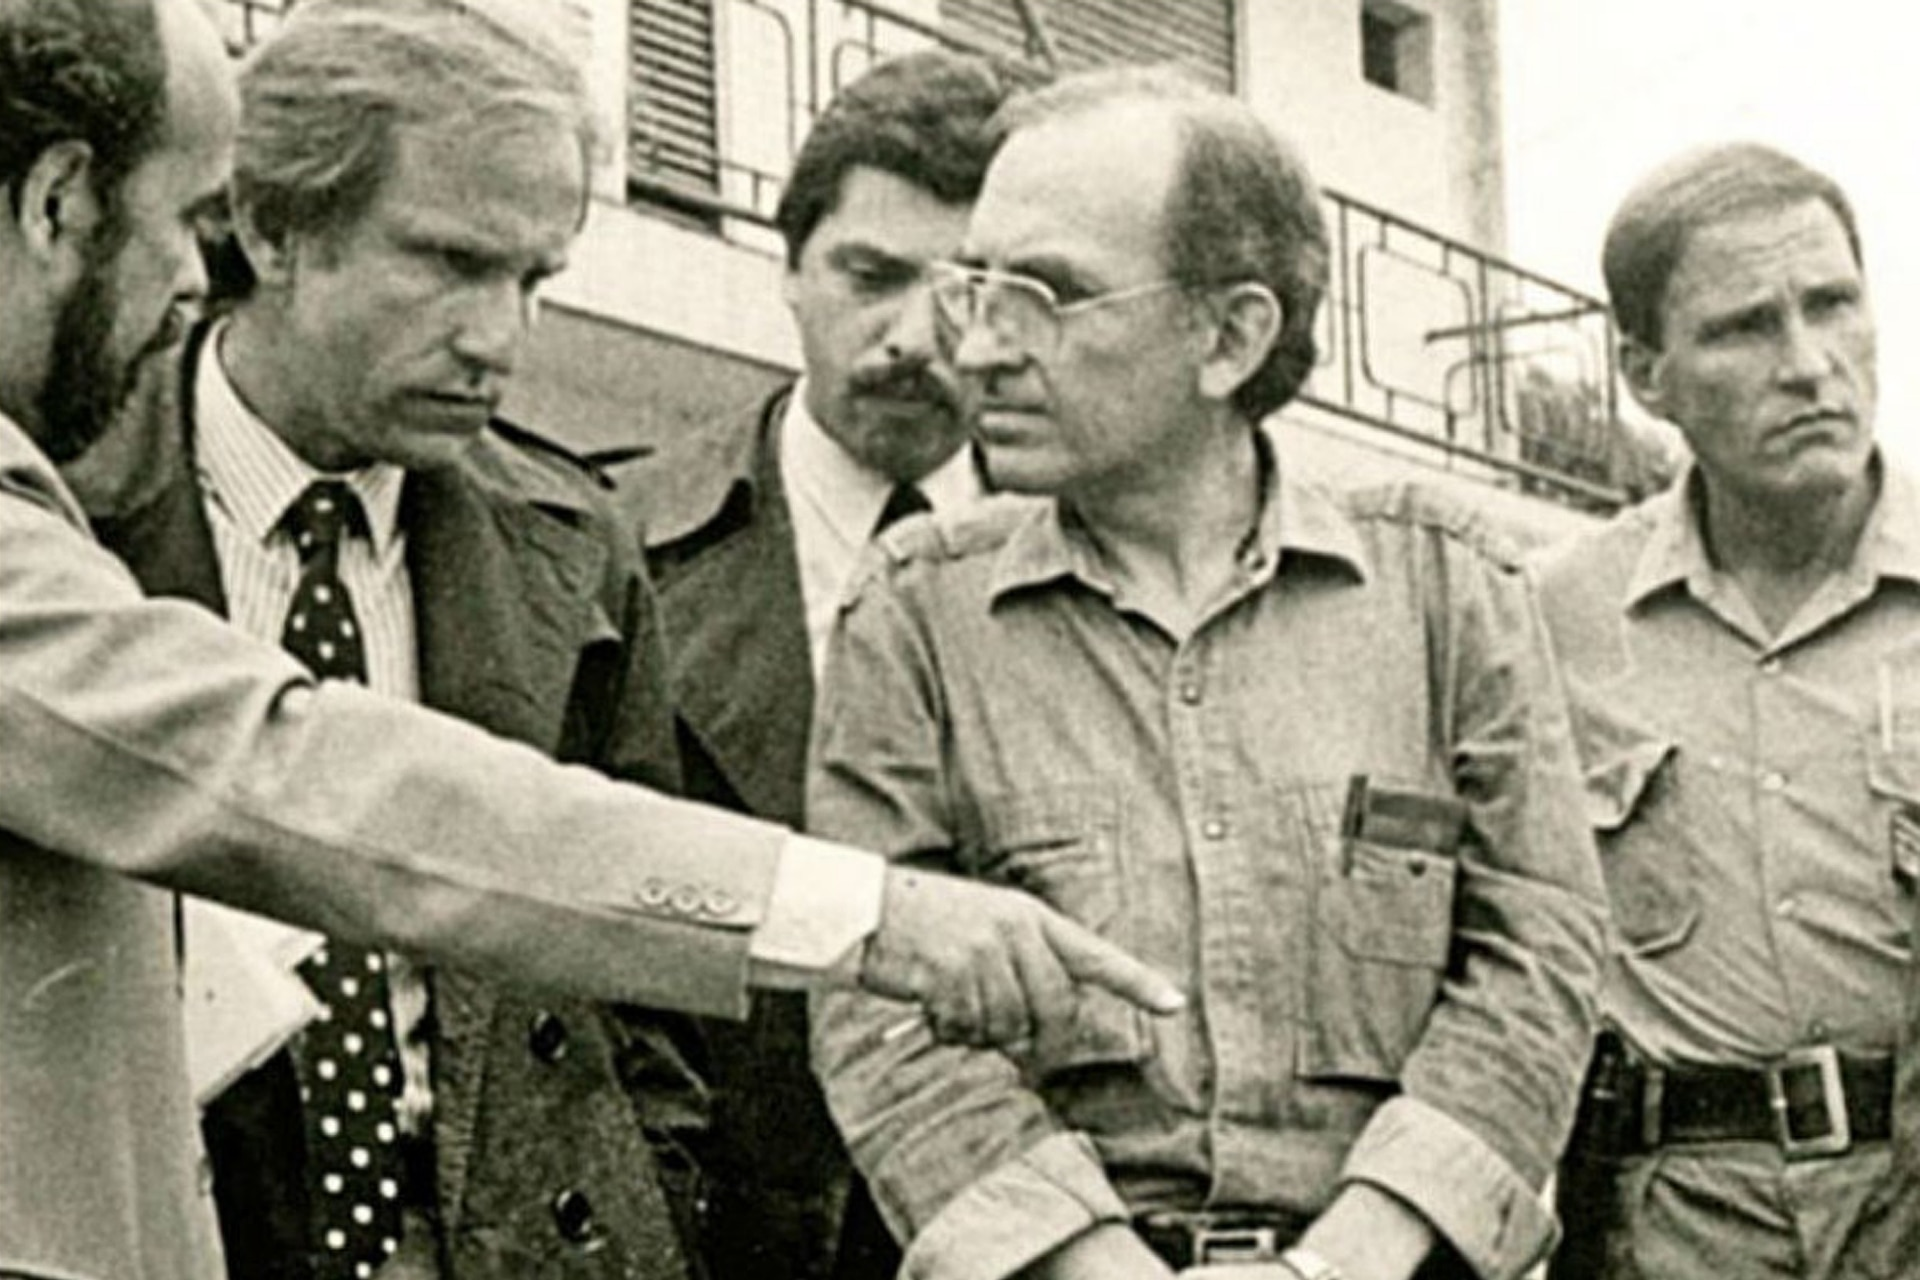 La foto polémica: emitida en el programa Odisea Argentina (LN+) fue tomada durante un reconocimiento judicial en la causa contra el clan Puccio el 23 de febrero de 1988. En segundo plano, Alberto Fernández